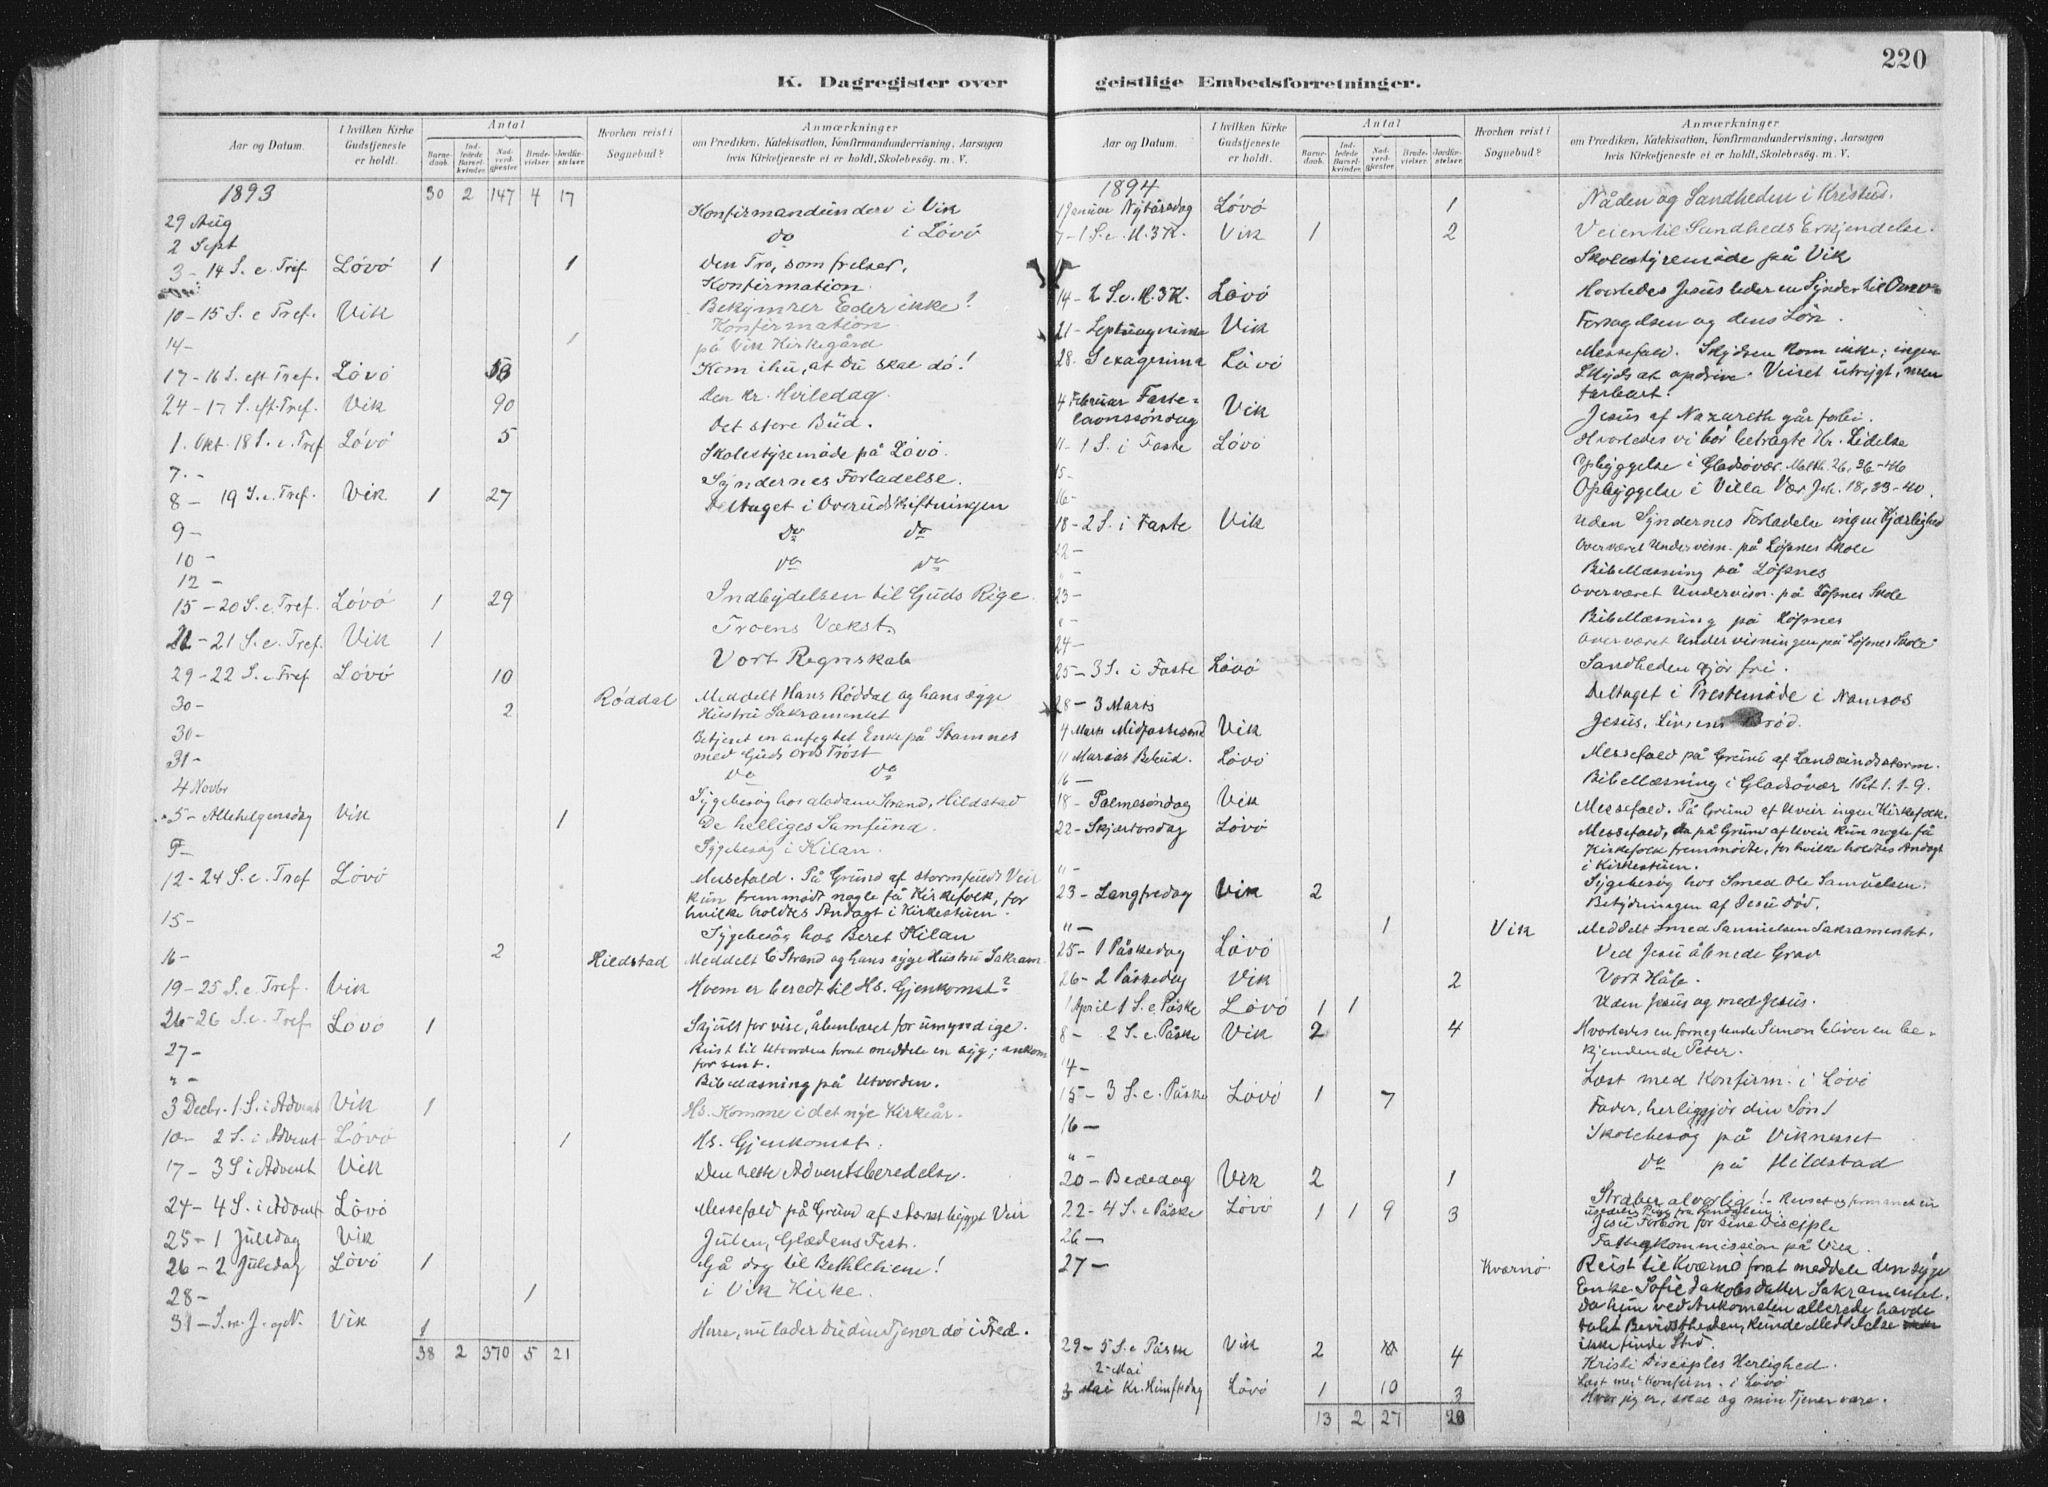 SAT, Ministerialprotokoller, klokkerbøker og fødselsregistre - Nord-Trøndelag, 771/L0597: Ministerialbok nr. 771A04, 1885-1910, s. 220